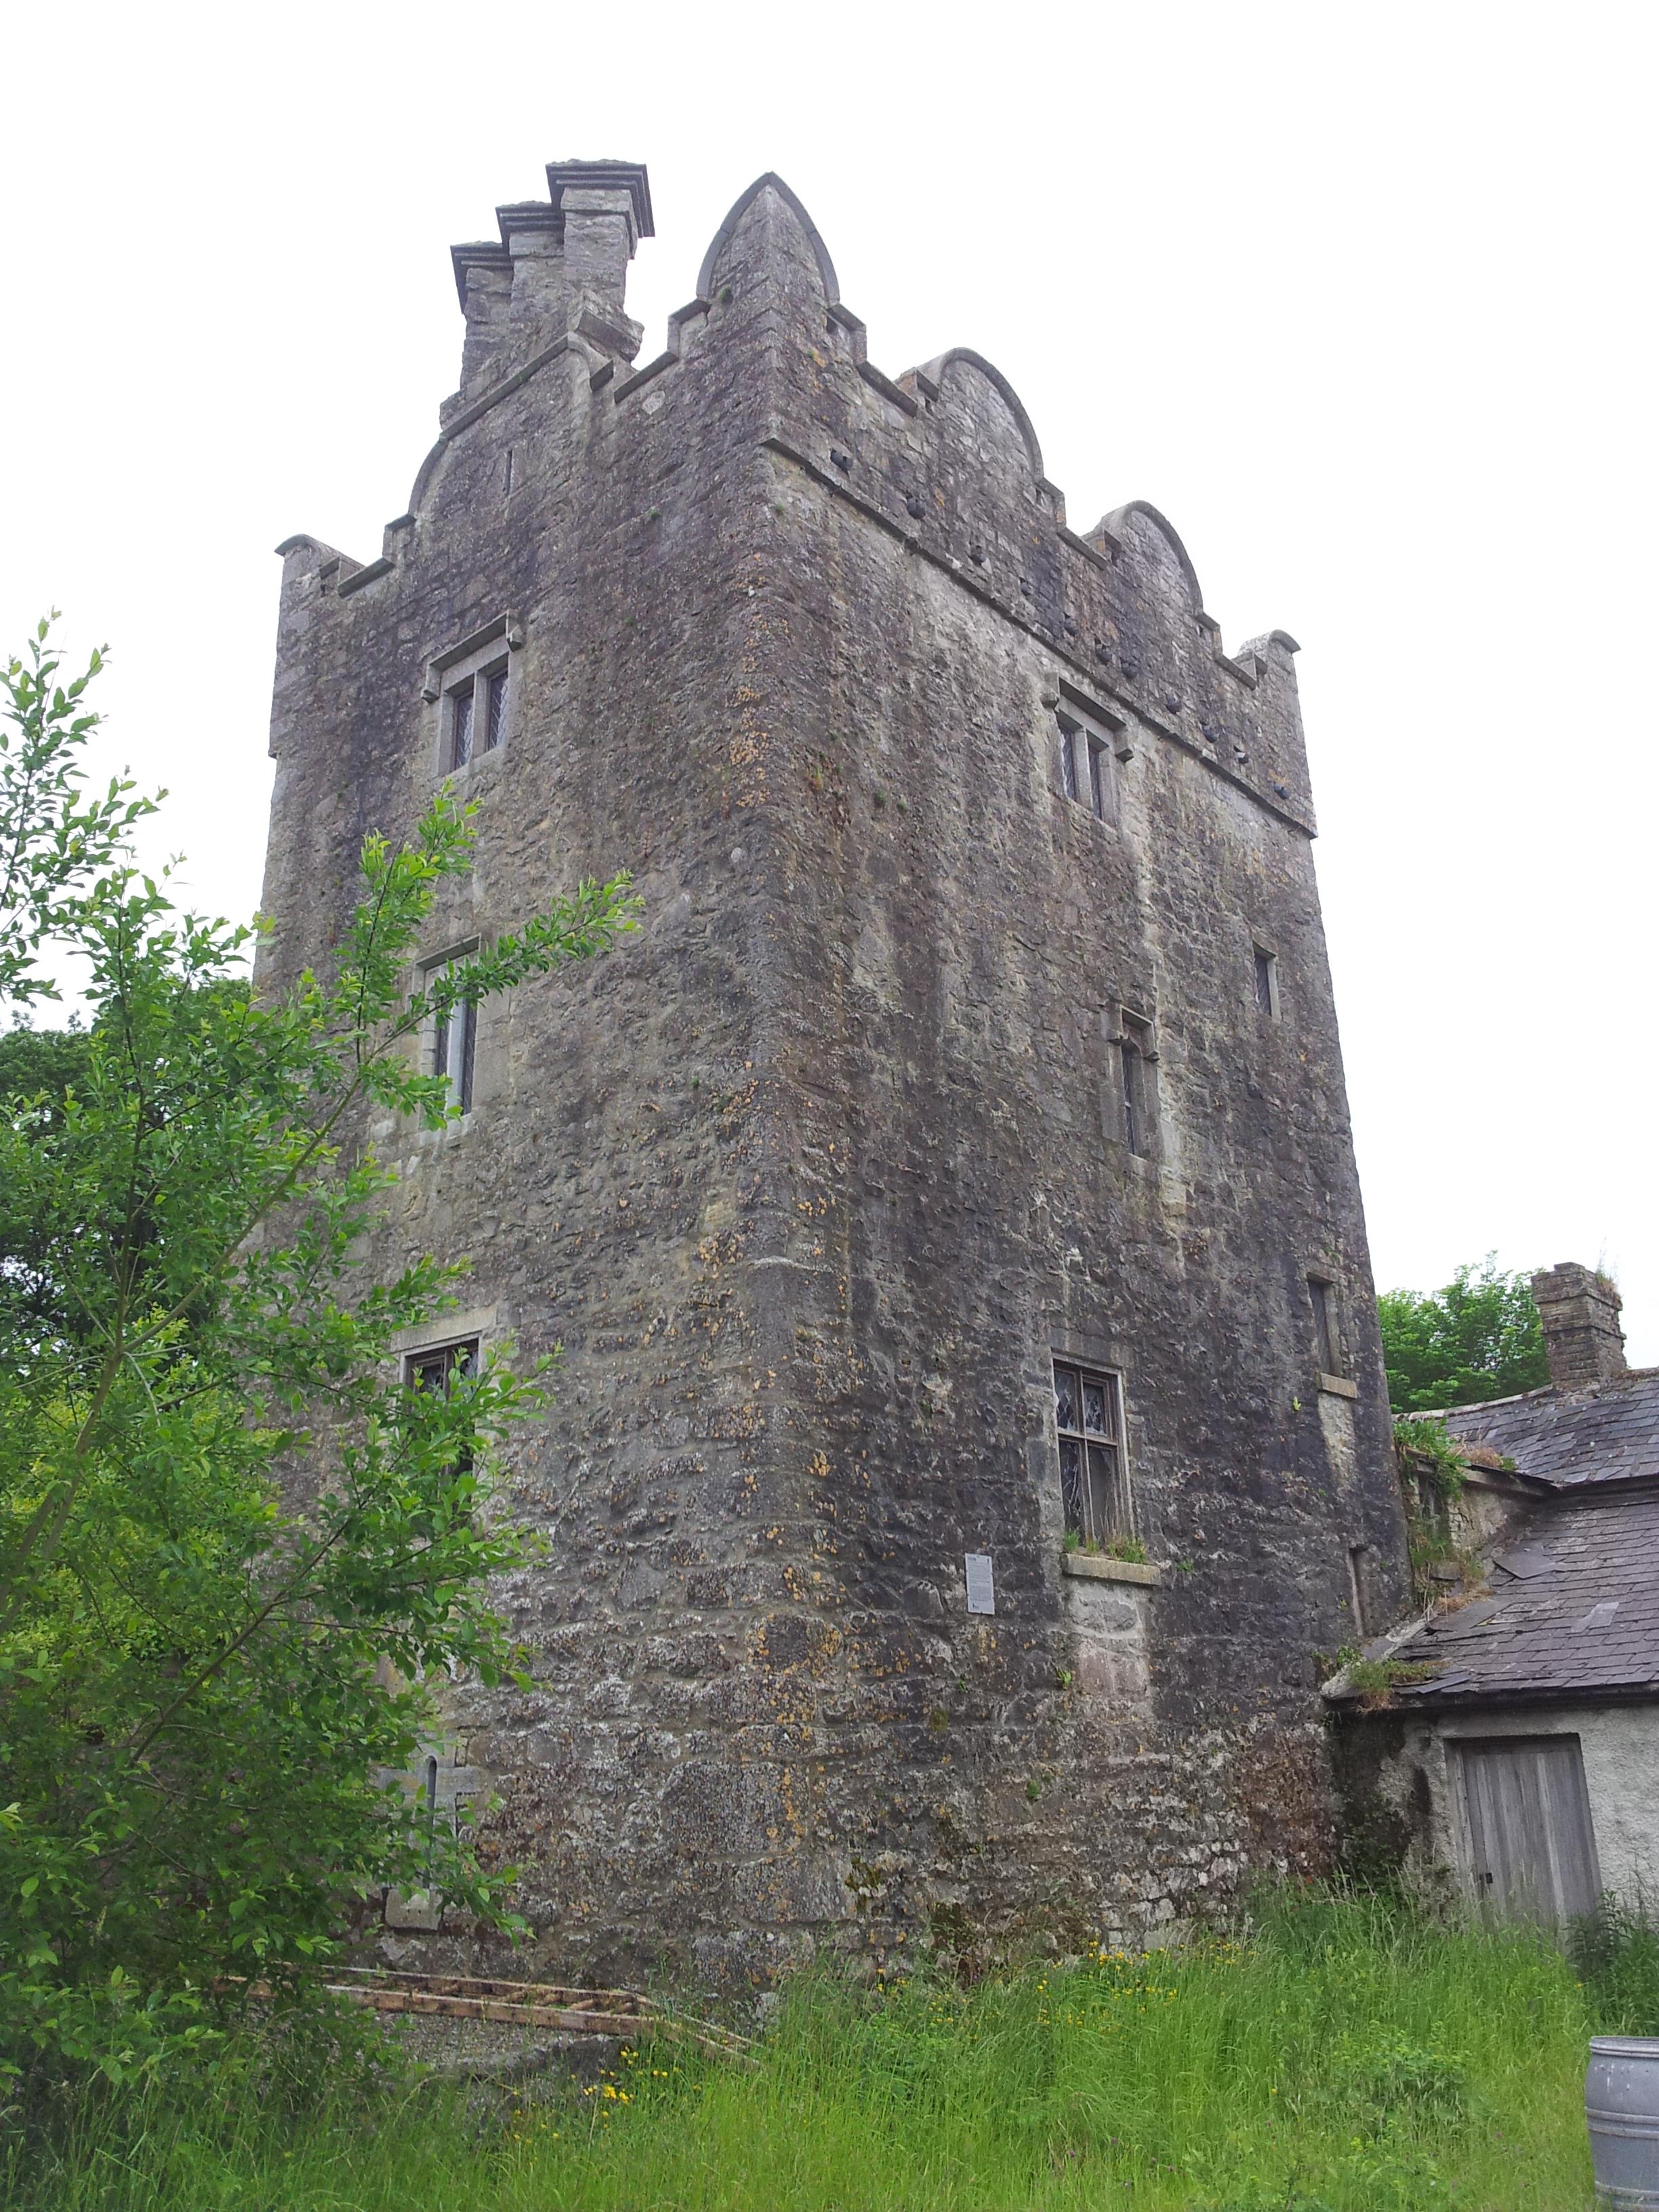 08 grange castle co kildare visions of the past for Kildare castle